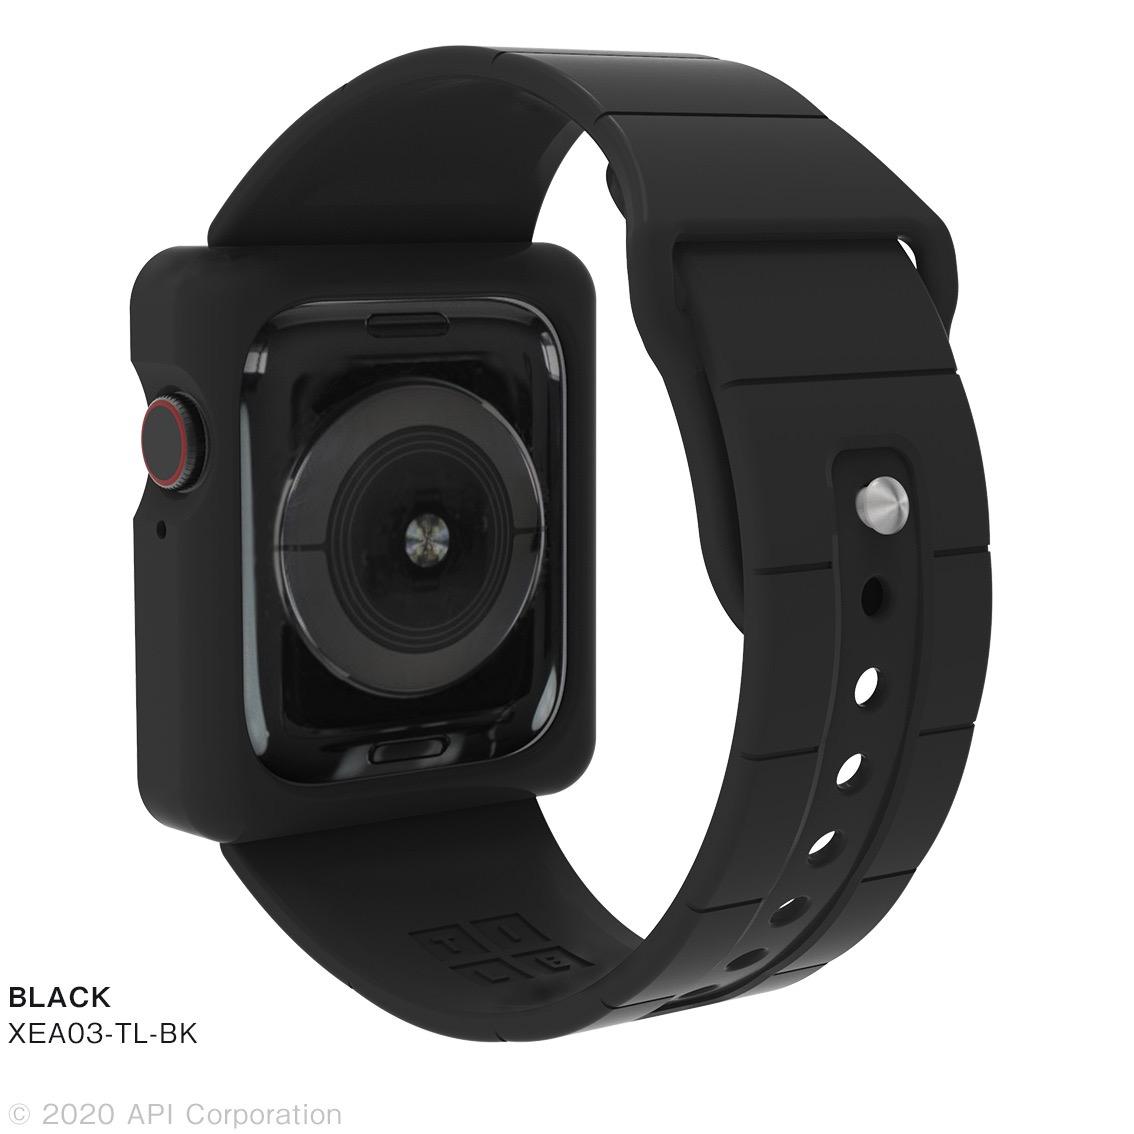 「TILE Apple Watch Band Case」Apple Watch Series 6/5/4/SE向けのケース一体型Apple Watchバンド